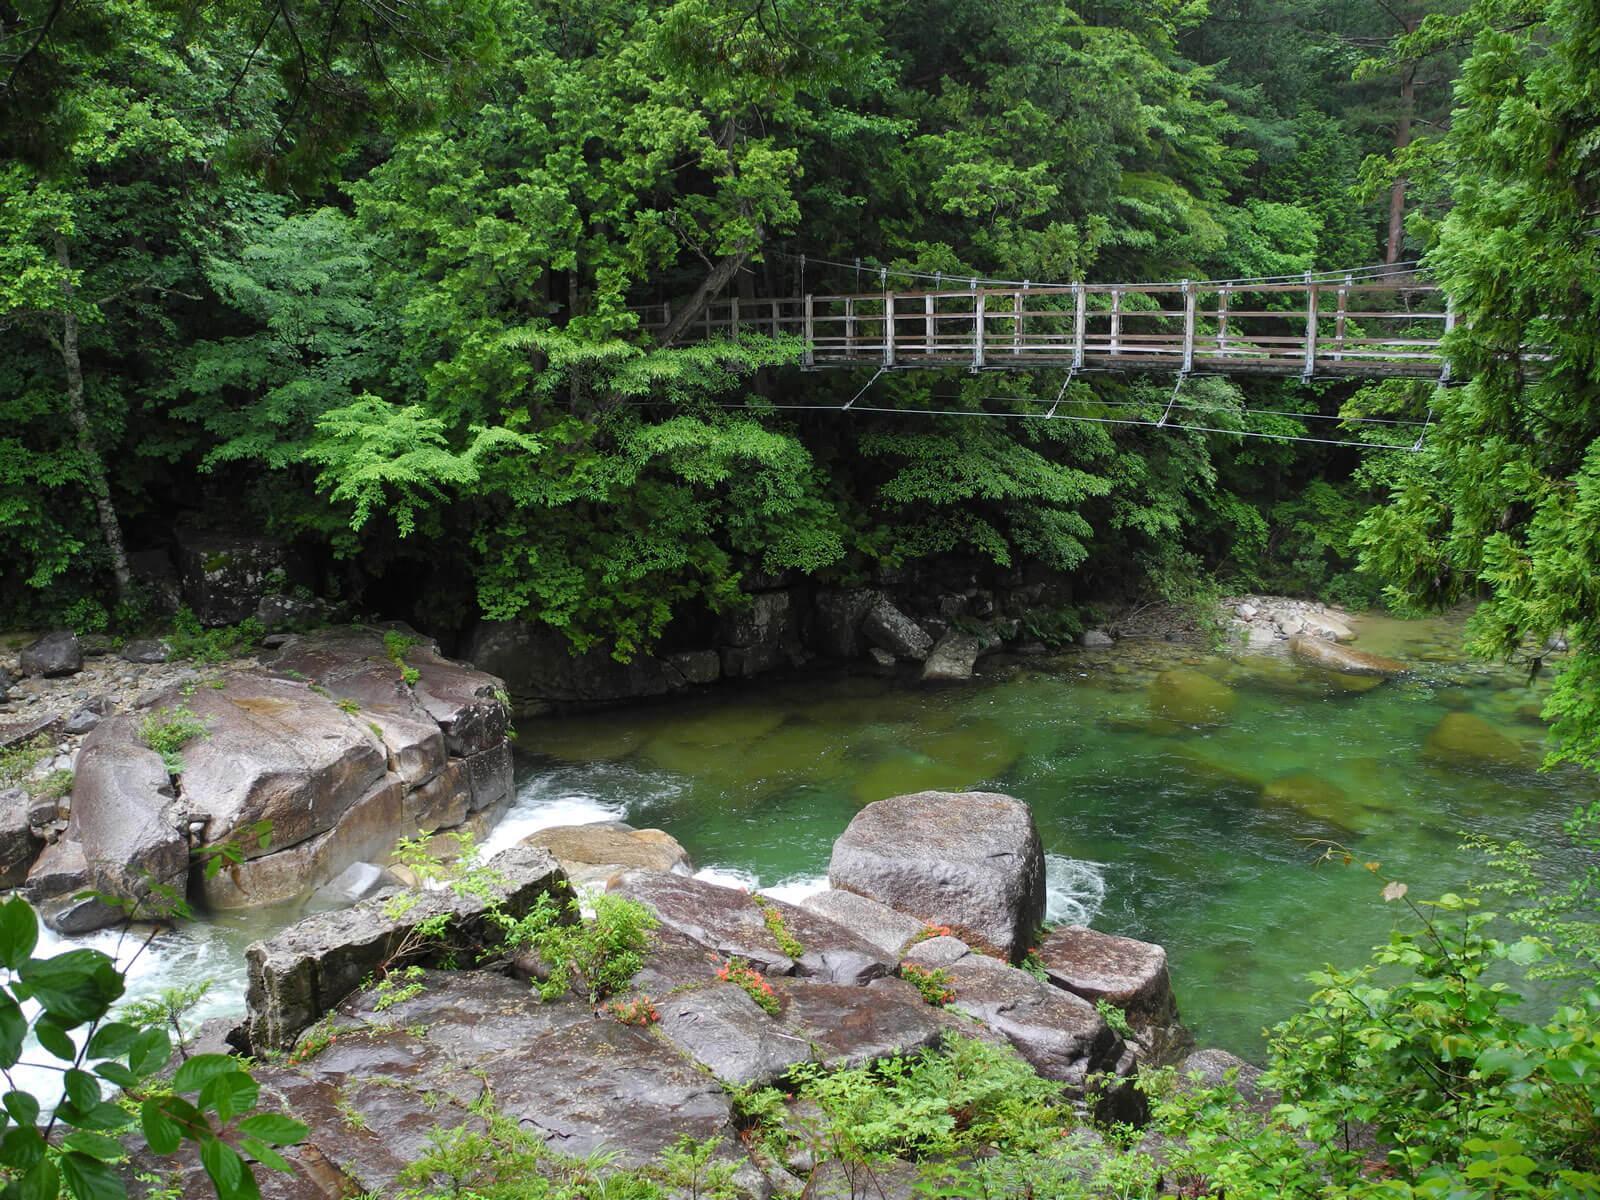 赤沢自然休養林 吊り橋が架かる渓谷